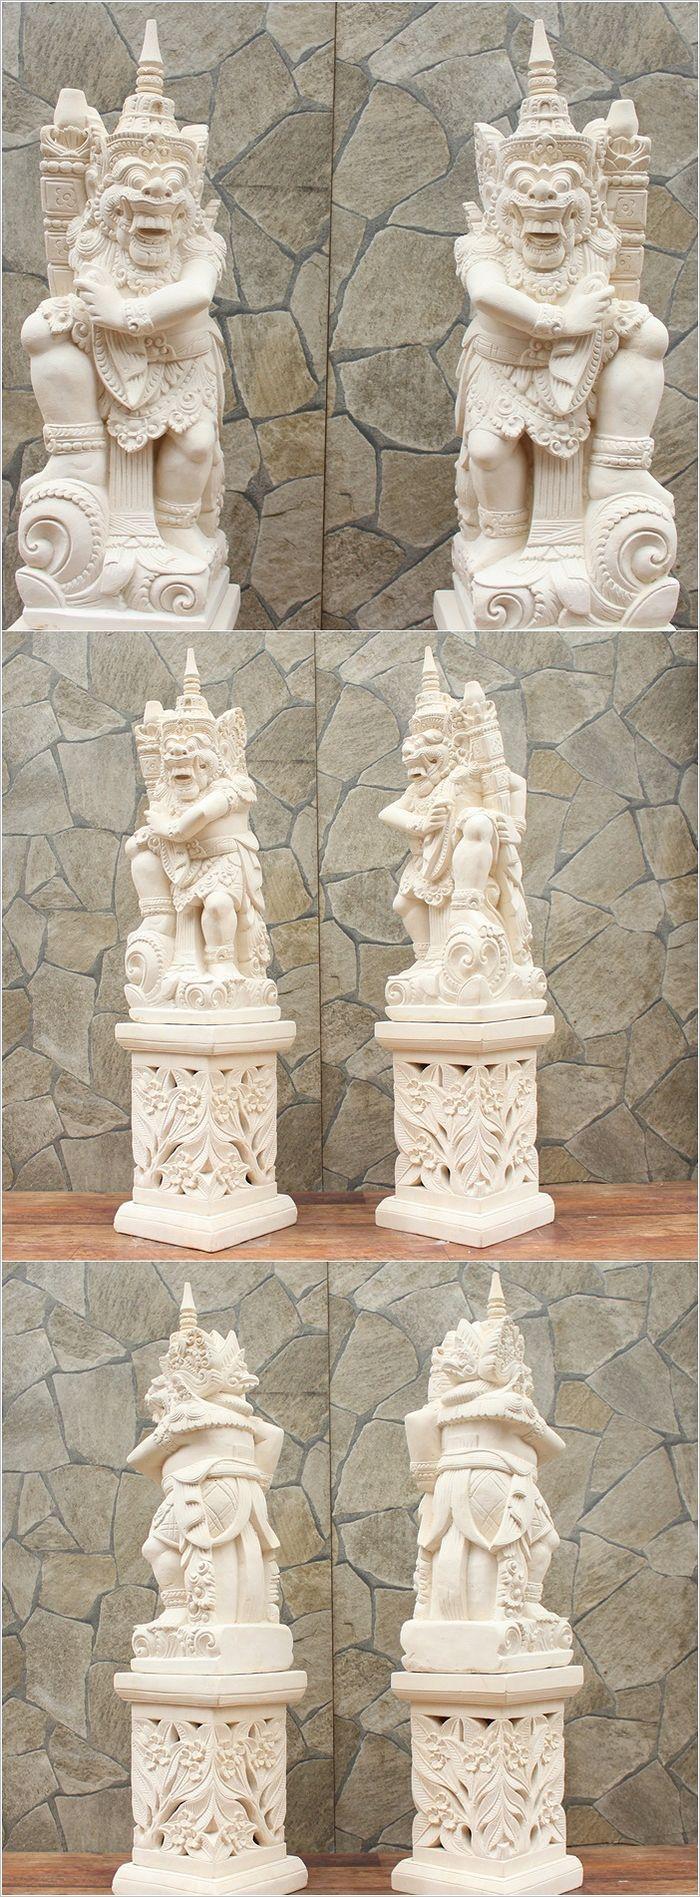 アジアン,石彫り,石像 ラクササ,バリ島,ストーンカービング,外構,ガーデニング